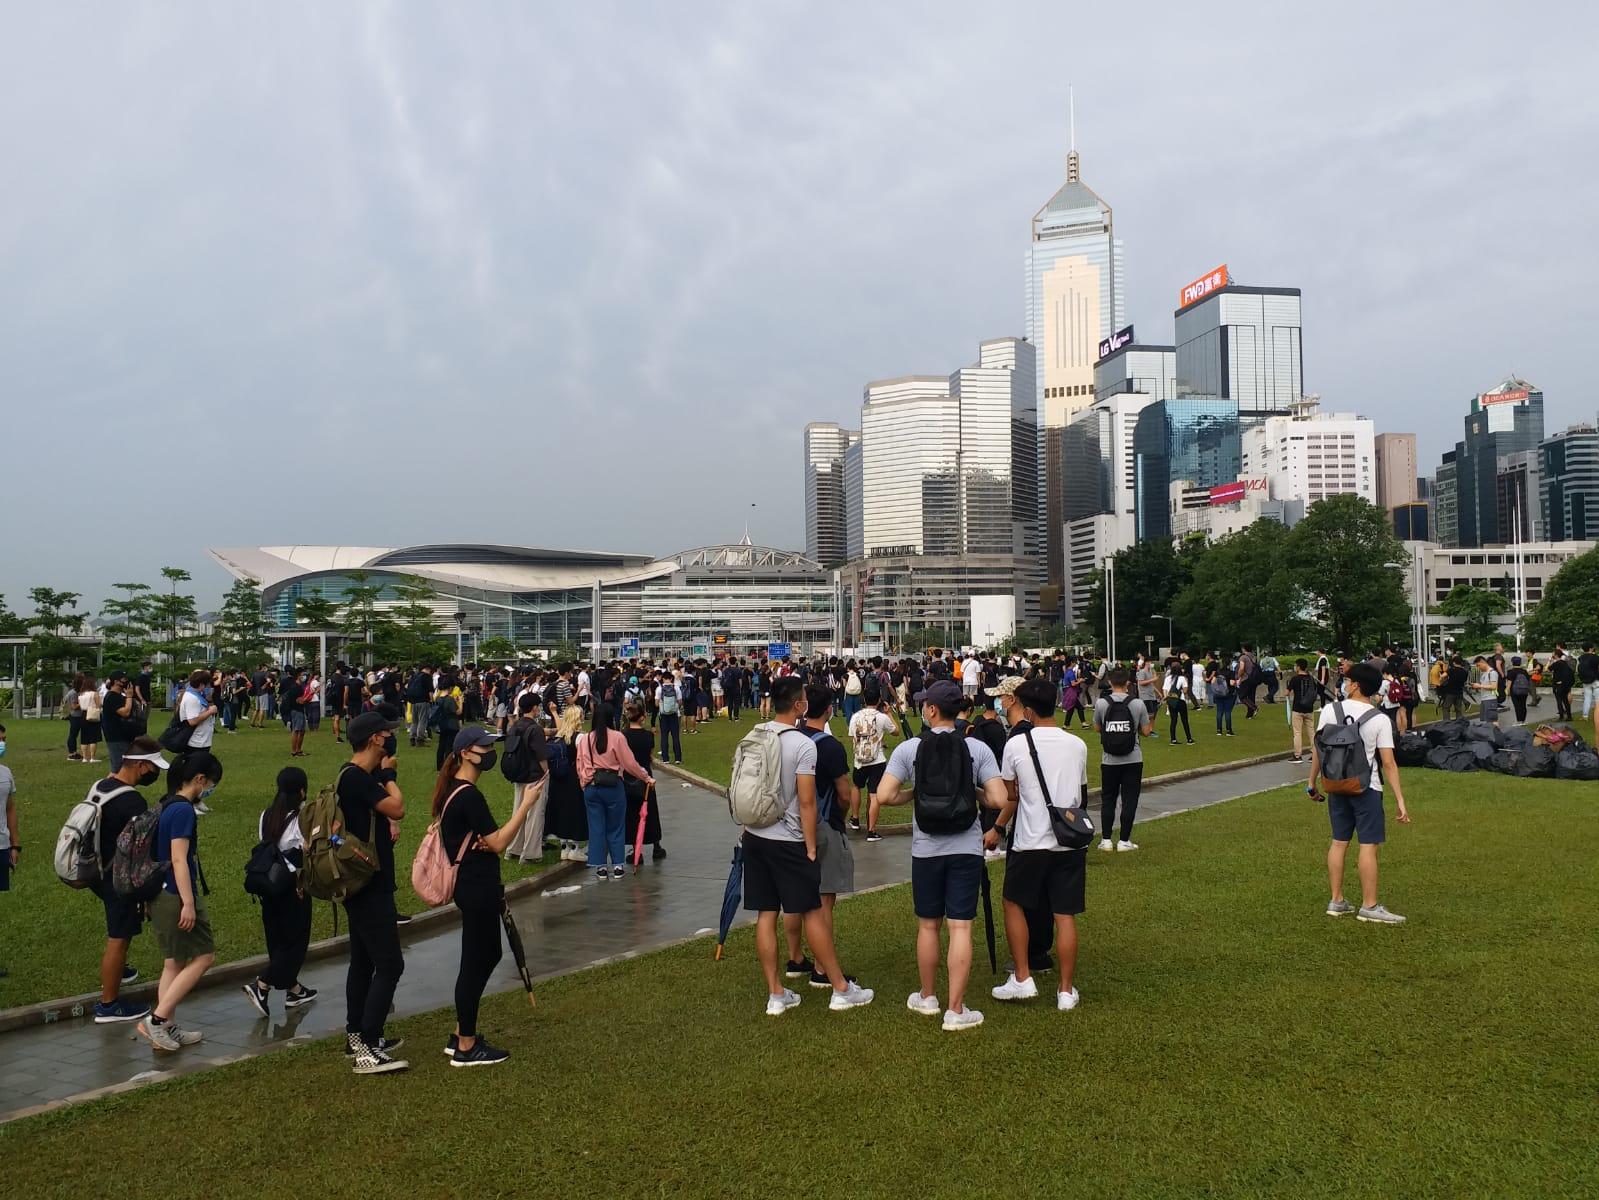 添馬公園早上開始有人聚集,當中多為年青人。